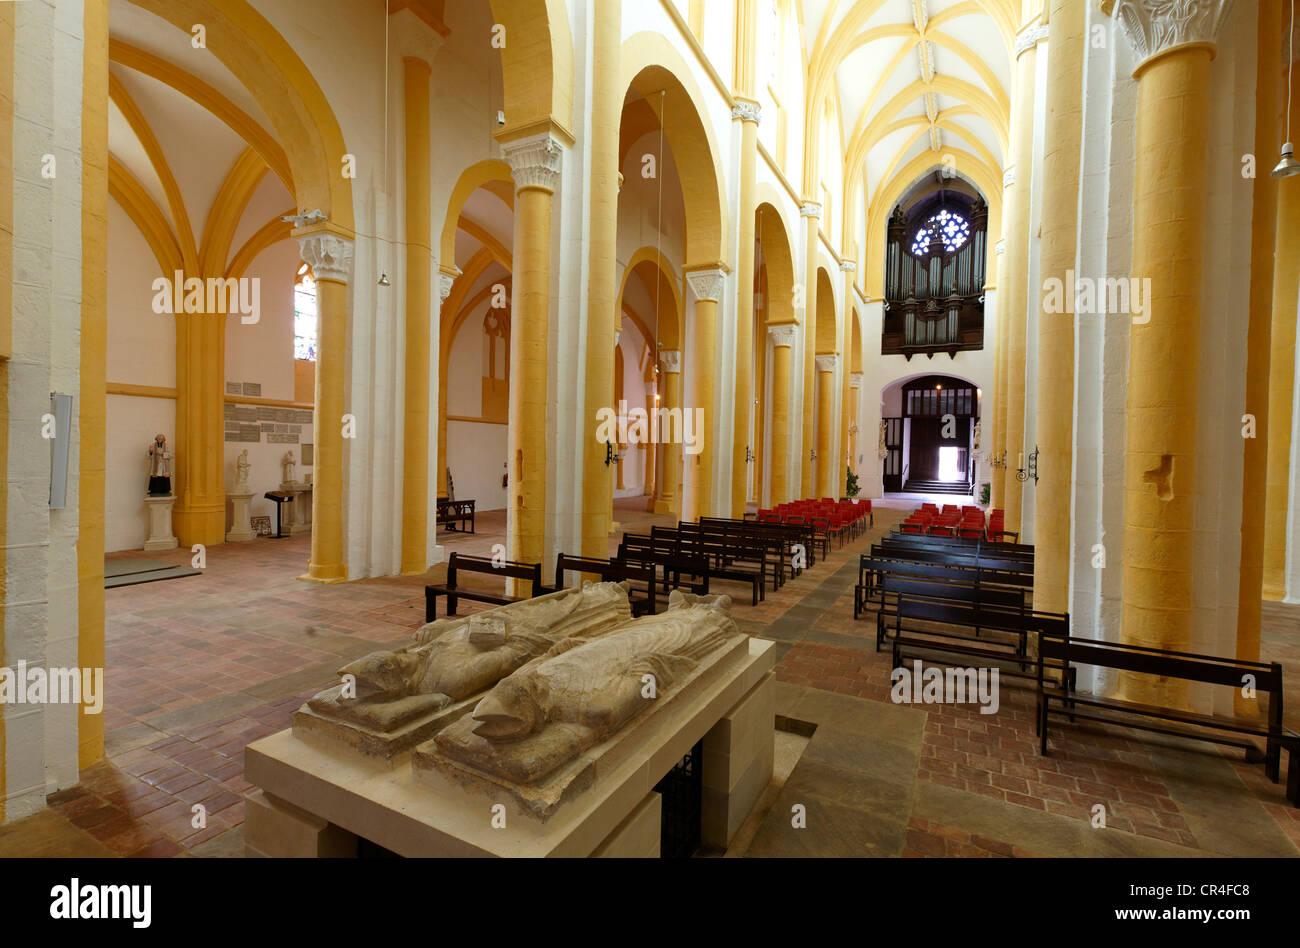 Bourbon's gisant, église de Souvigny, Moulins, Allier, Auvergne, France, Europe Banque D'Images